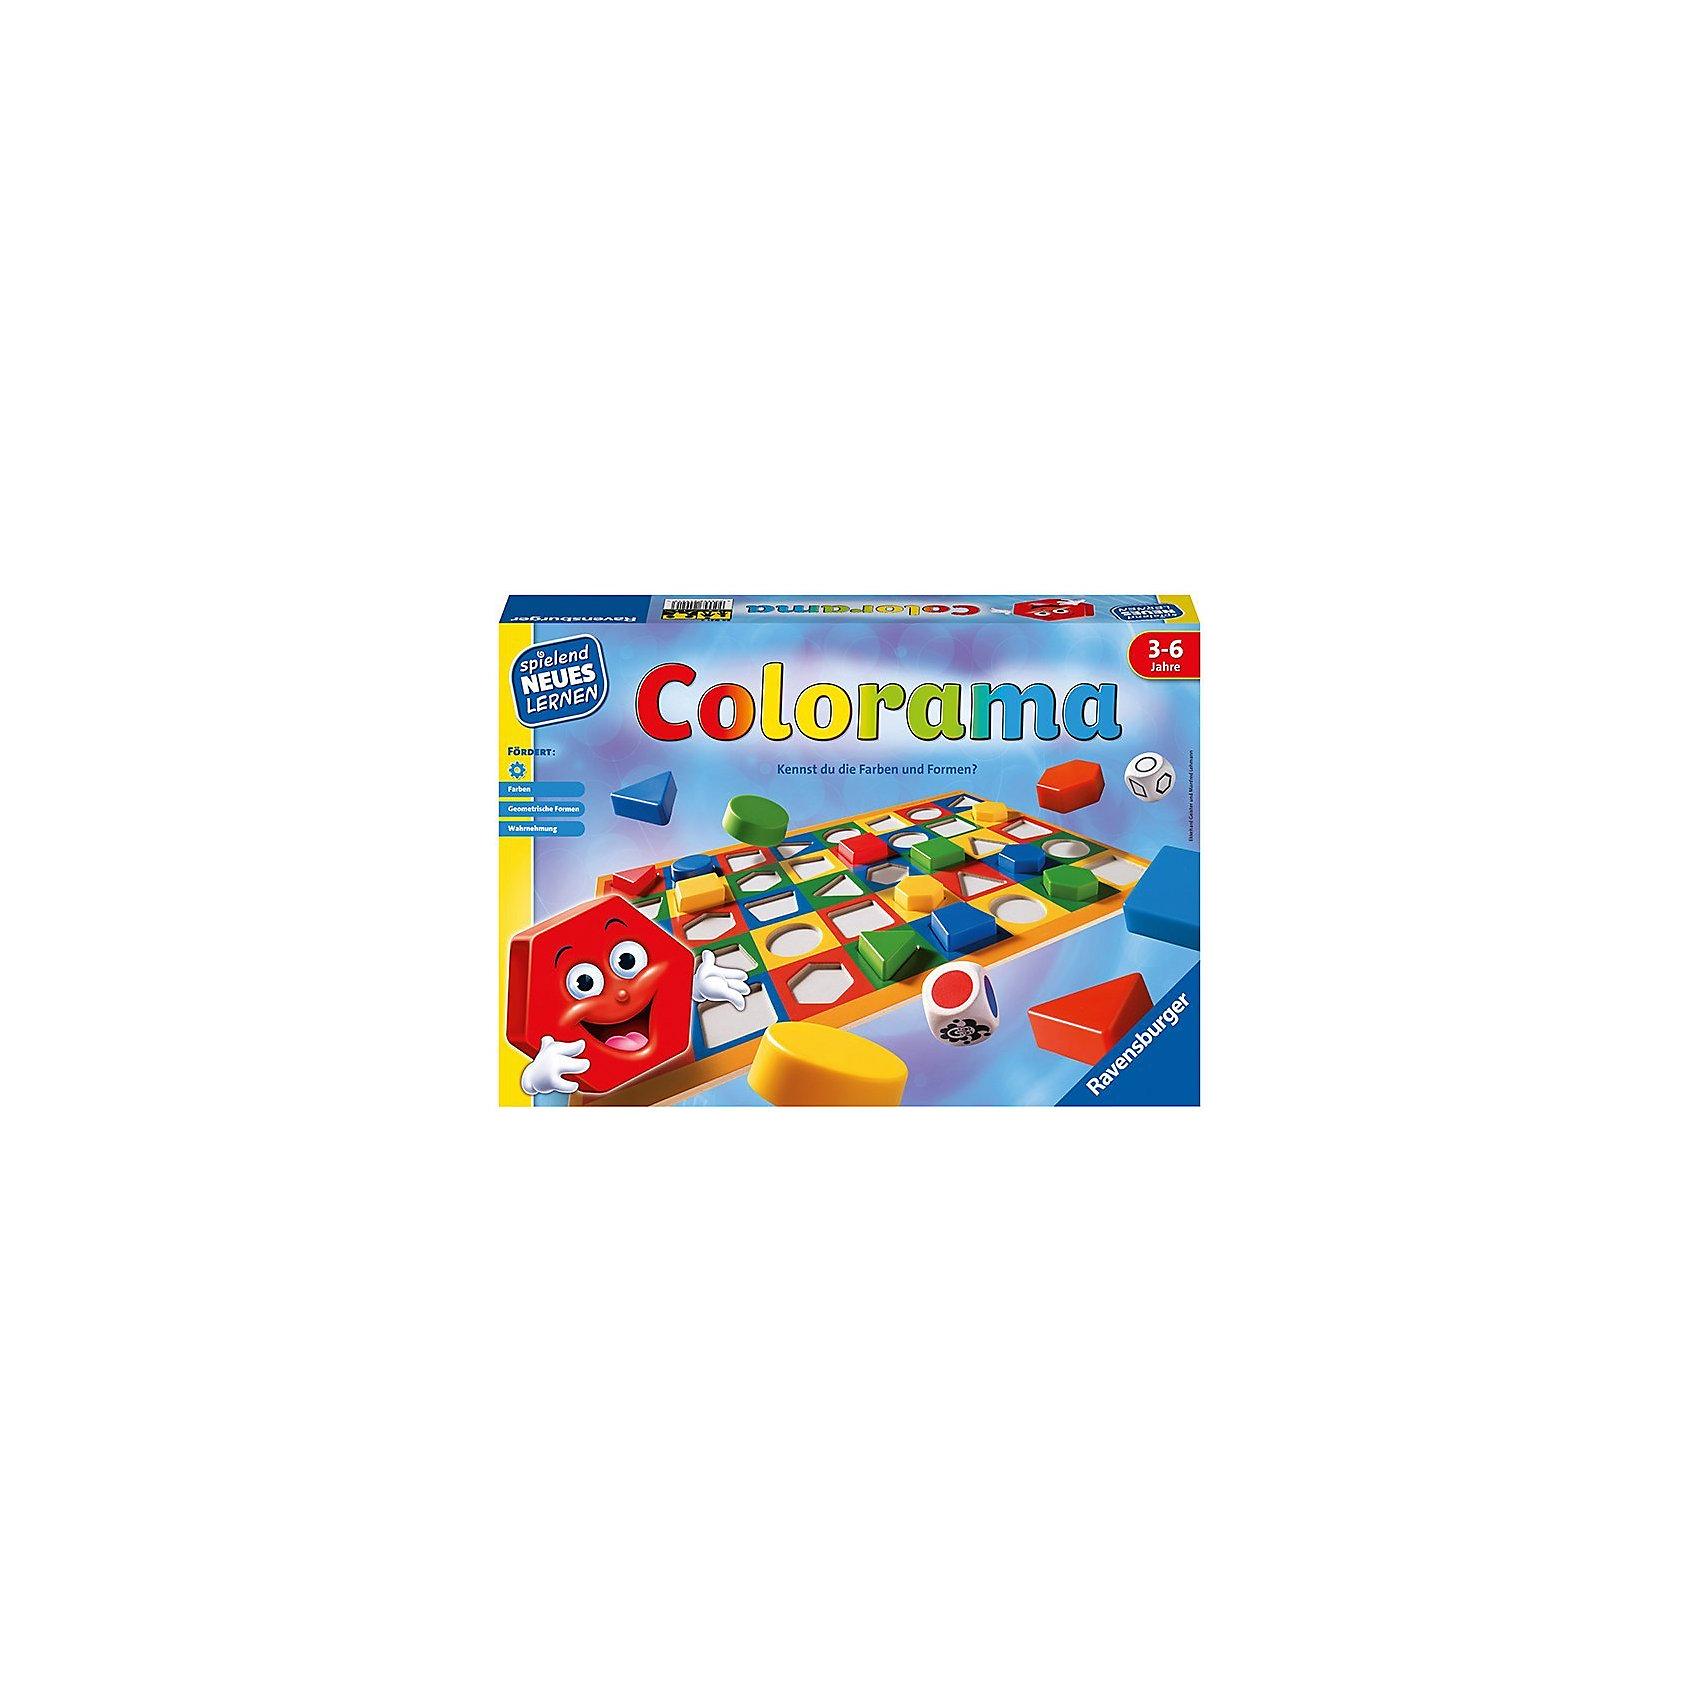 Настольная игра Колорама, RavensburgerНастольная игра Колорама, Ravensburger - увлекательная игра от фирмы Ravensburger, которая откроет Вашему ребенку дорогу к познанию основных цветов и форм. <br><br>Подбирая фигуры по форме и цвету, ребенок в игровой форме знакомится с их многообразием. Возможны различные варианты игры: и простая подборка по заданным на игровом поле параметрам, и поиск подходящего варианта, выпавшего на игровом кубике. <br><br>Дополнительная информация:<br><br>- В комплект игры Колорама входит:<br>- игровое поле, выполненное из плотного картона с углублениями; <br>- 40 фишек из пластмассы (круги, треугольники, квадратики, прямоугольники, трапеции четырех основных цветов); <br>- 2 деревянных кубика: один с цветами, другой с формами; <br>- Продолжительность игры: 20 мин;<br>- Размер упаковки (д/ш/в): 22,5 х 33 х 3,5 см. <br><br>Настольную игру Колорама, Ravensburger можно купить в нашем интернет-магазине.<br><br>Ширина мм: 339<br>Глубина мм: 233<br>Высота мм: 55<br>Вес г: 532<br>Возраст от месяцев: 36<br>Возраст до месяцев: 72<br>Пол: Унисекс<br>Возраст: Детский<br>SKU: 1008025